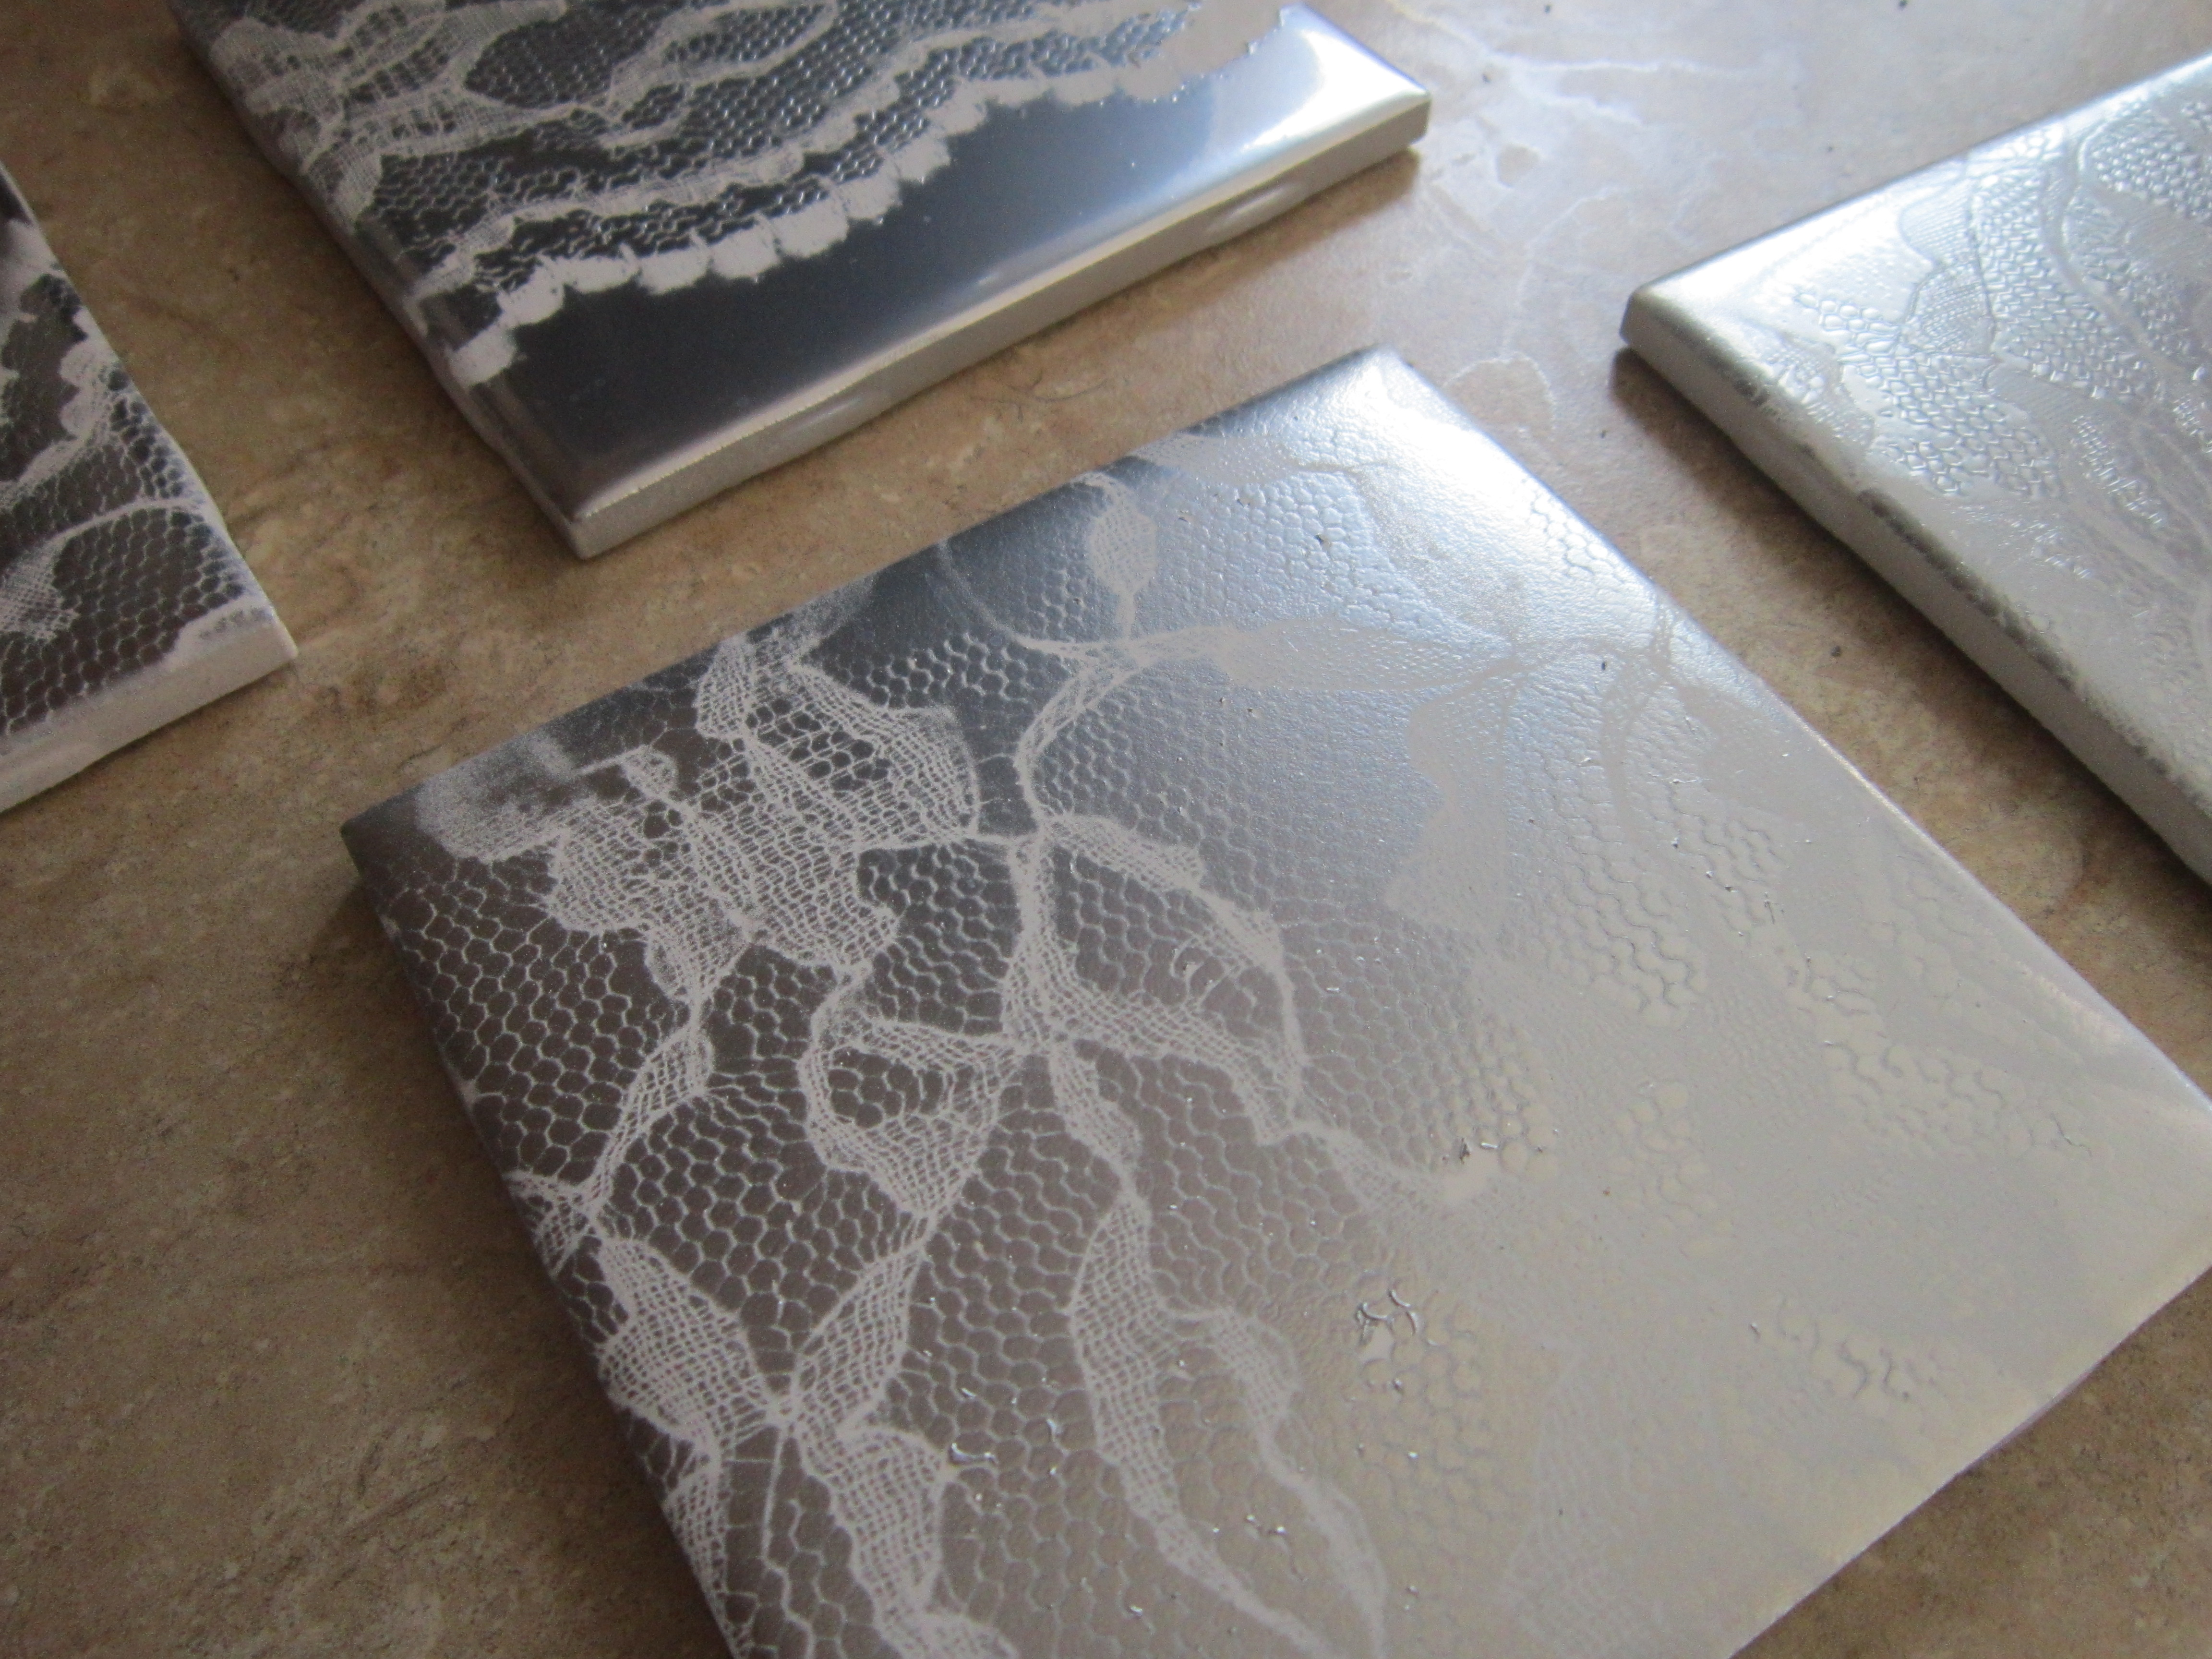 Ceramic Tiles - Ceramic tile scraps